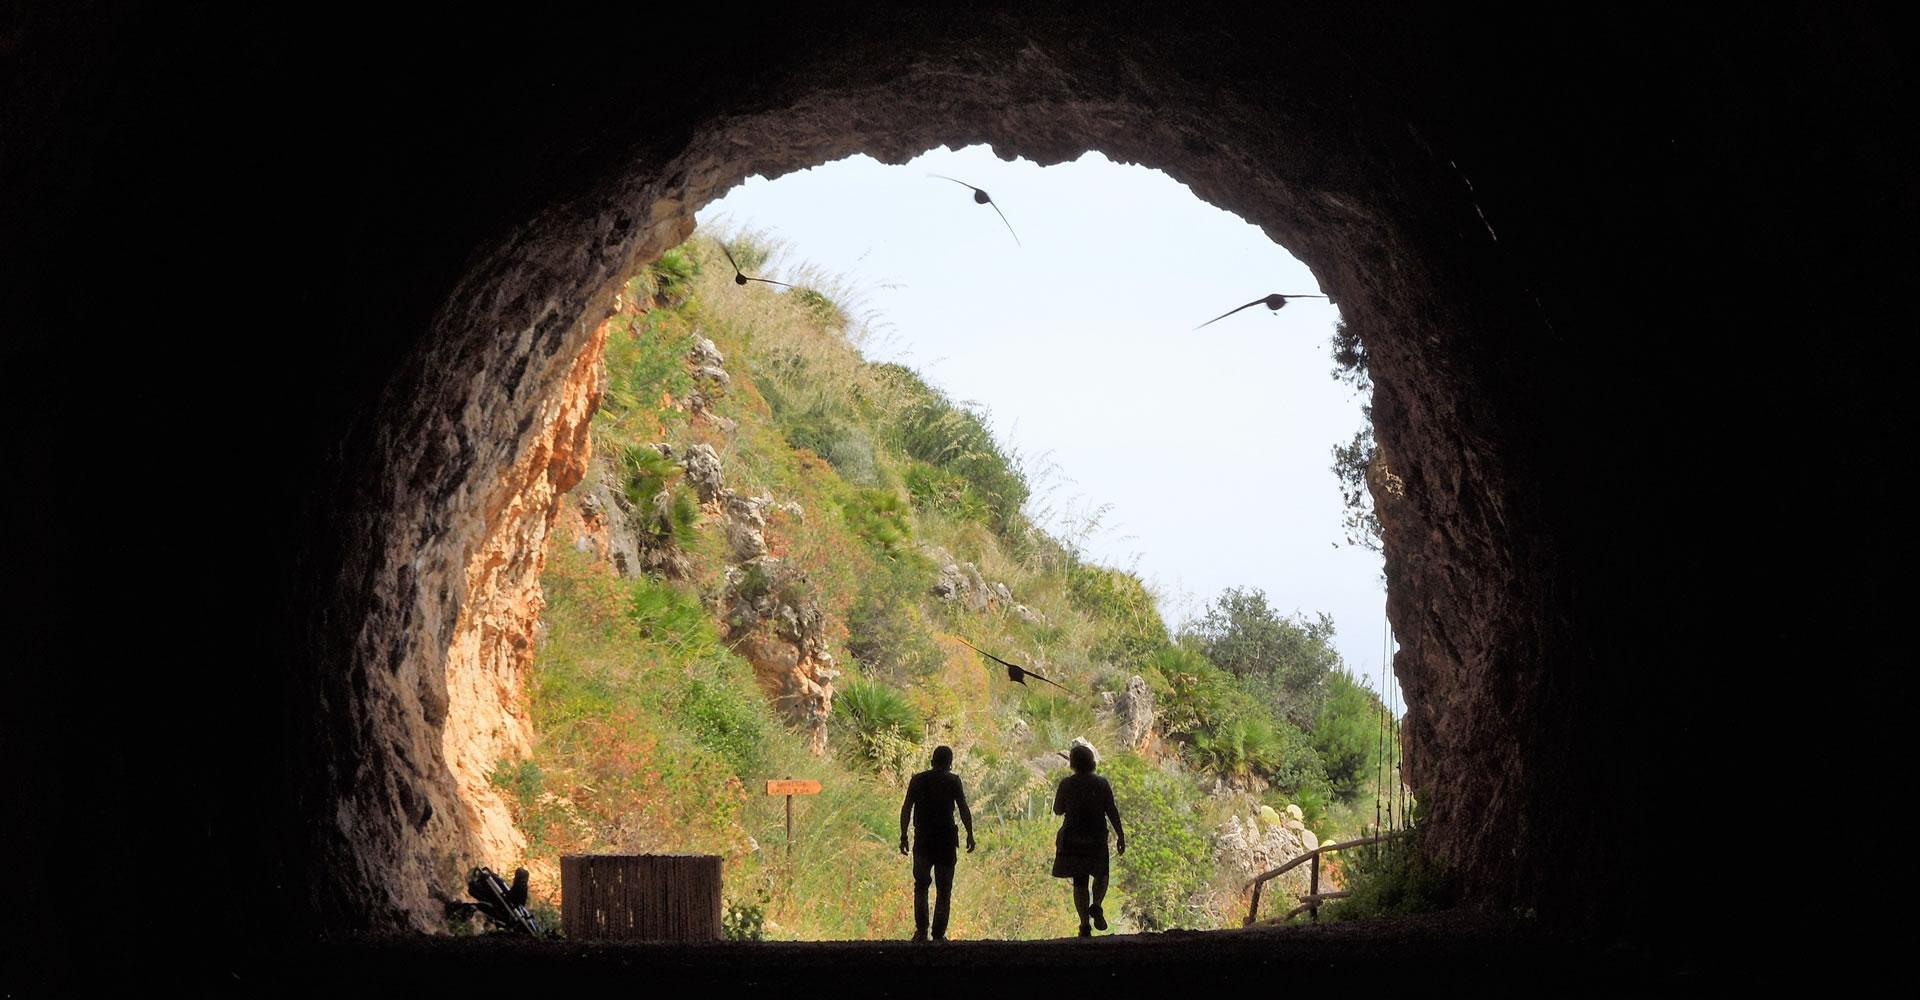 Gallery in the Riserva naturale dello Zingaro